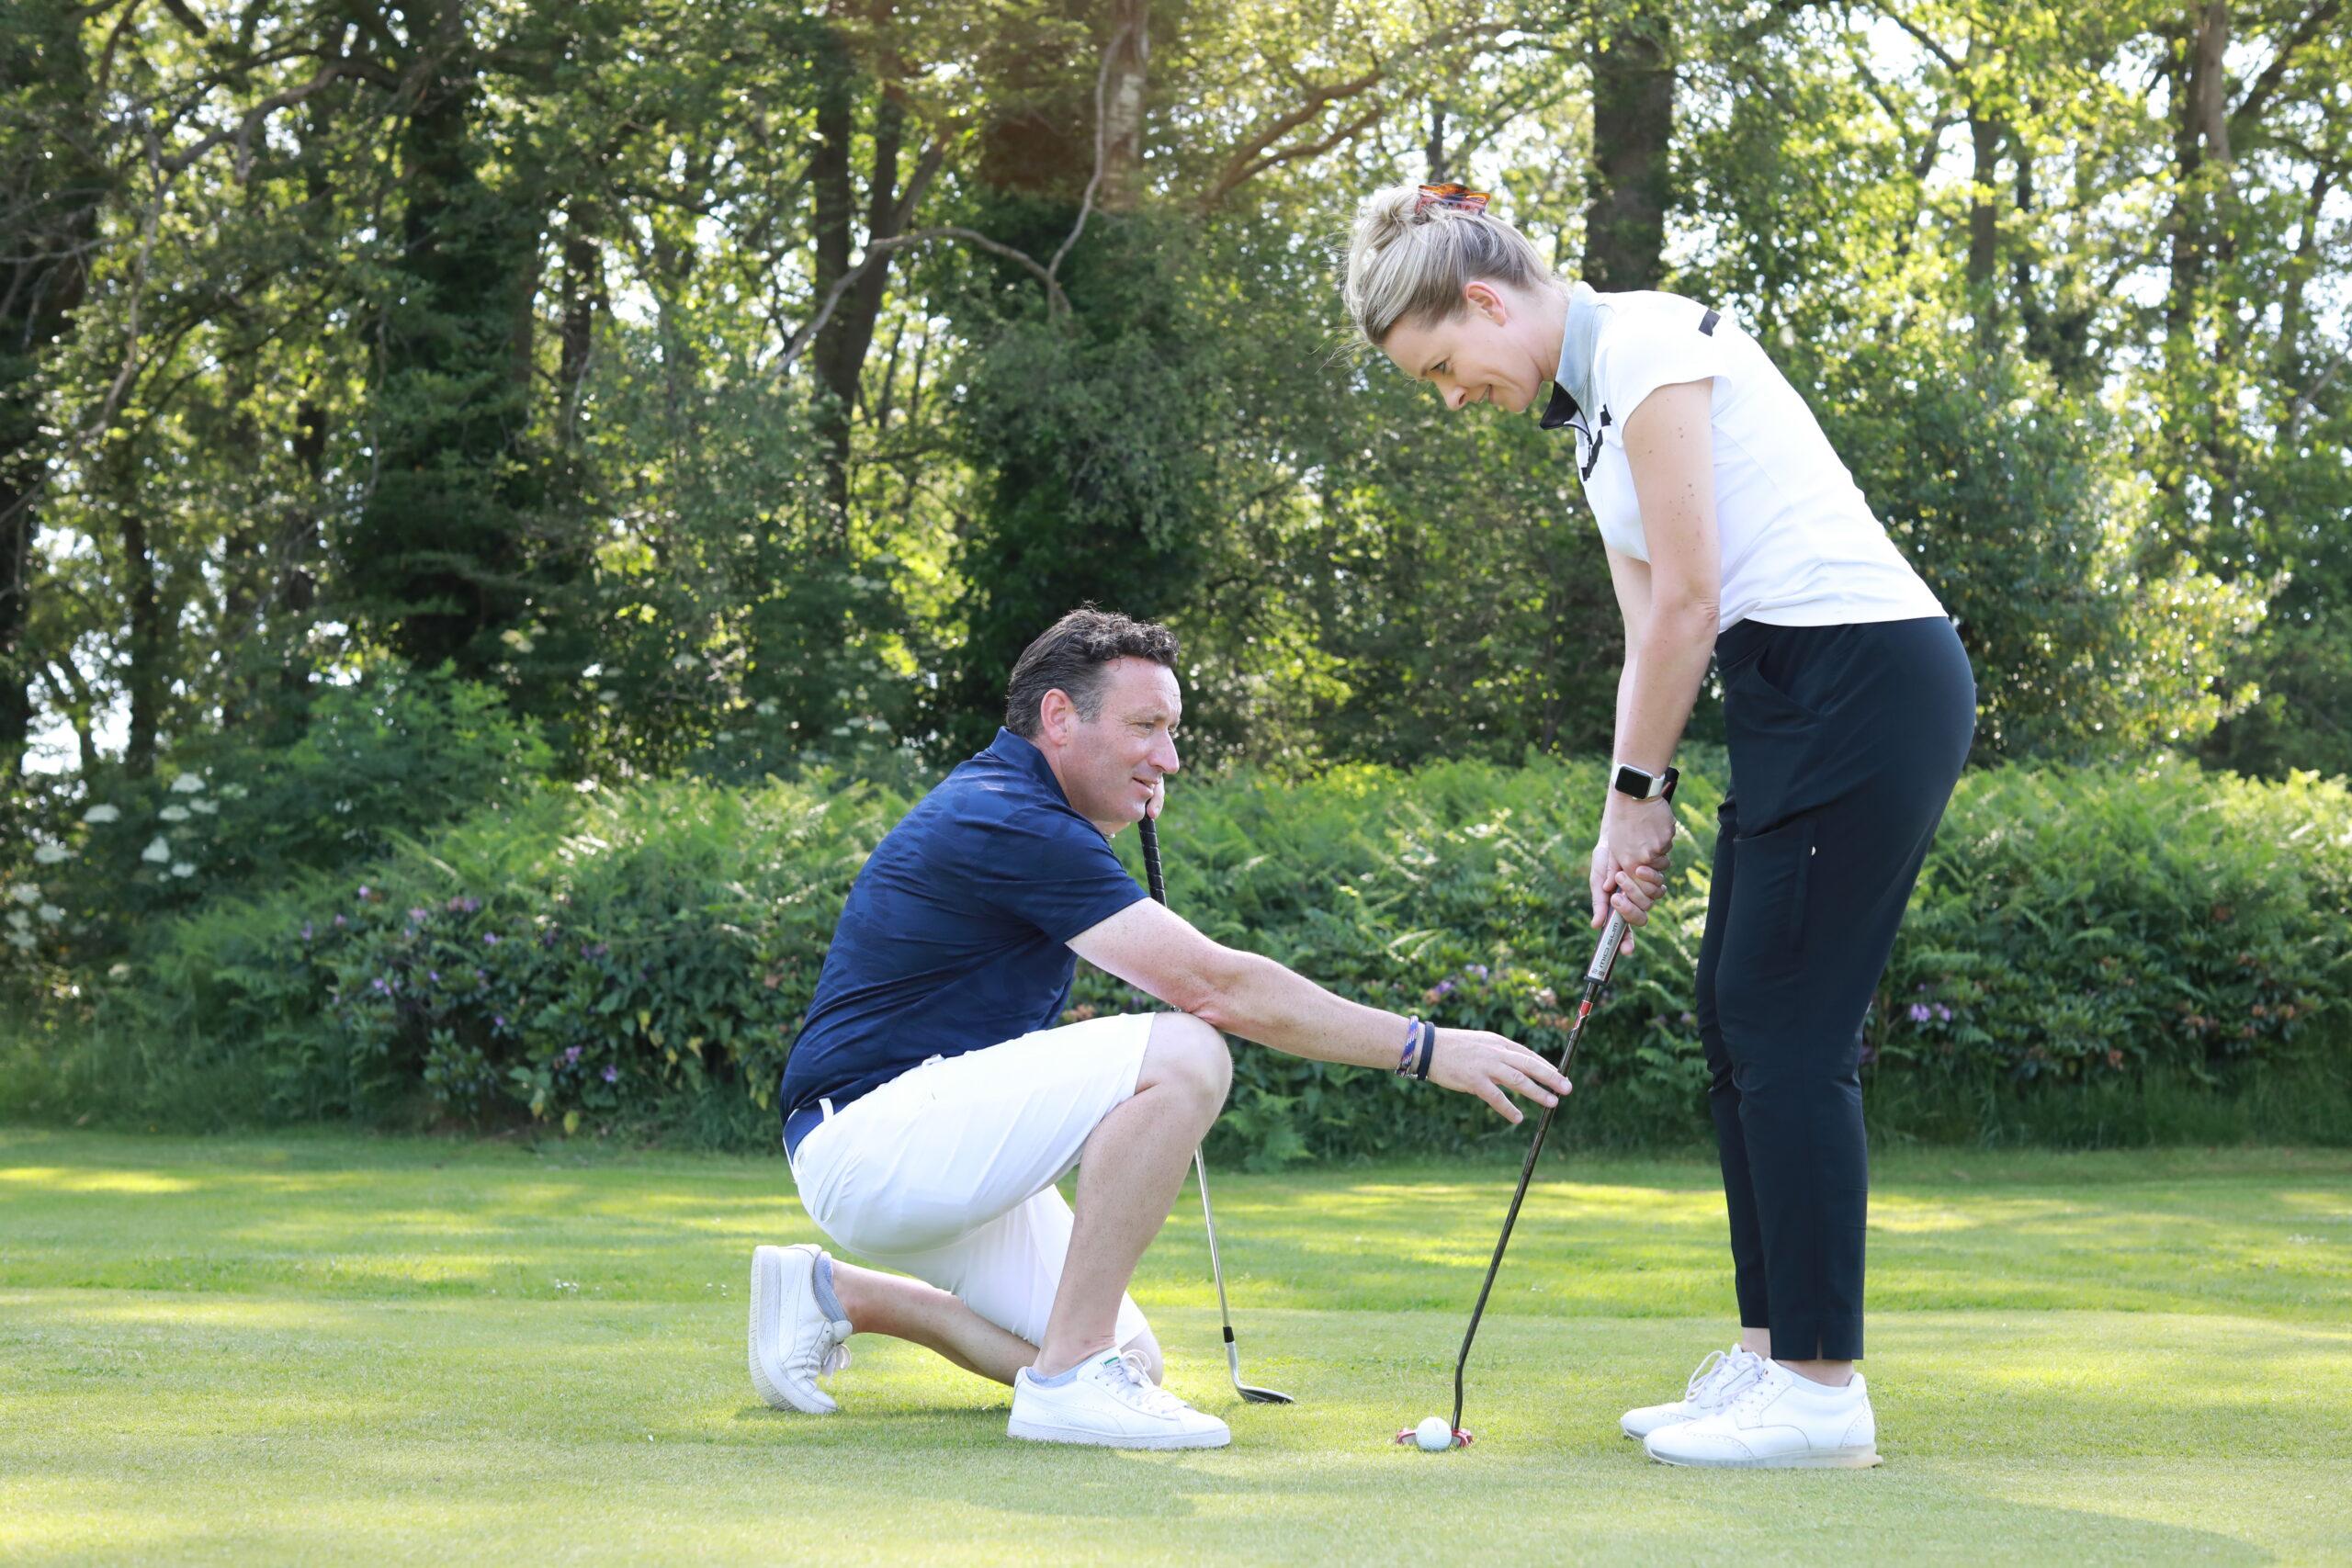 Lee Chapman beste golftrainer van Nederland